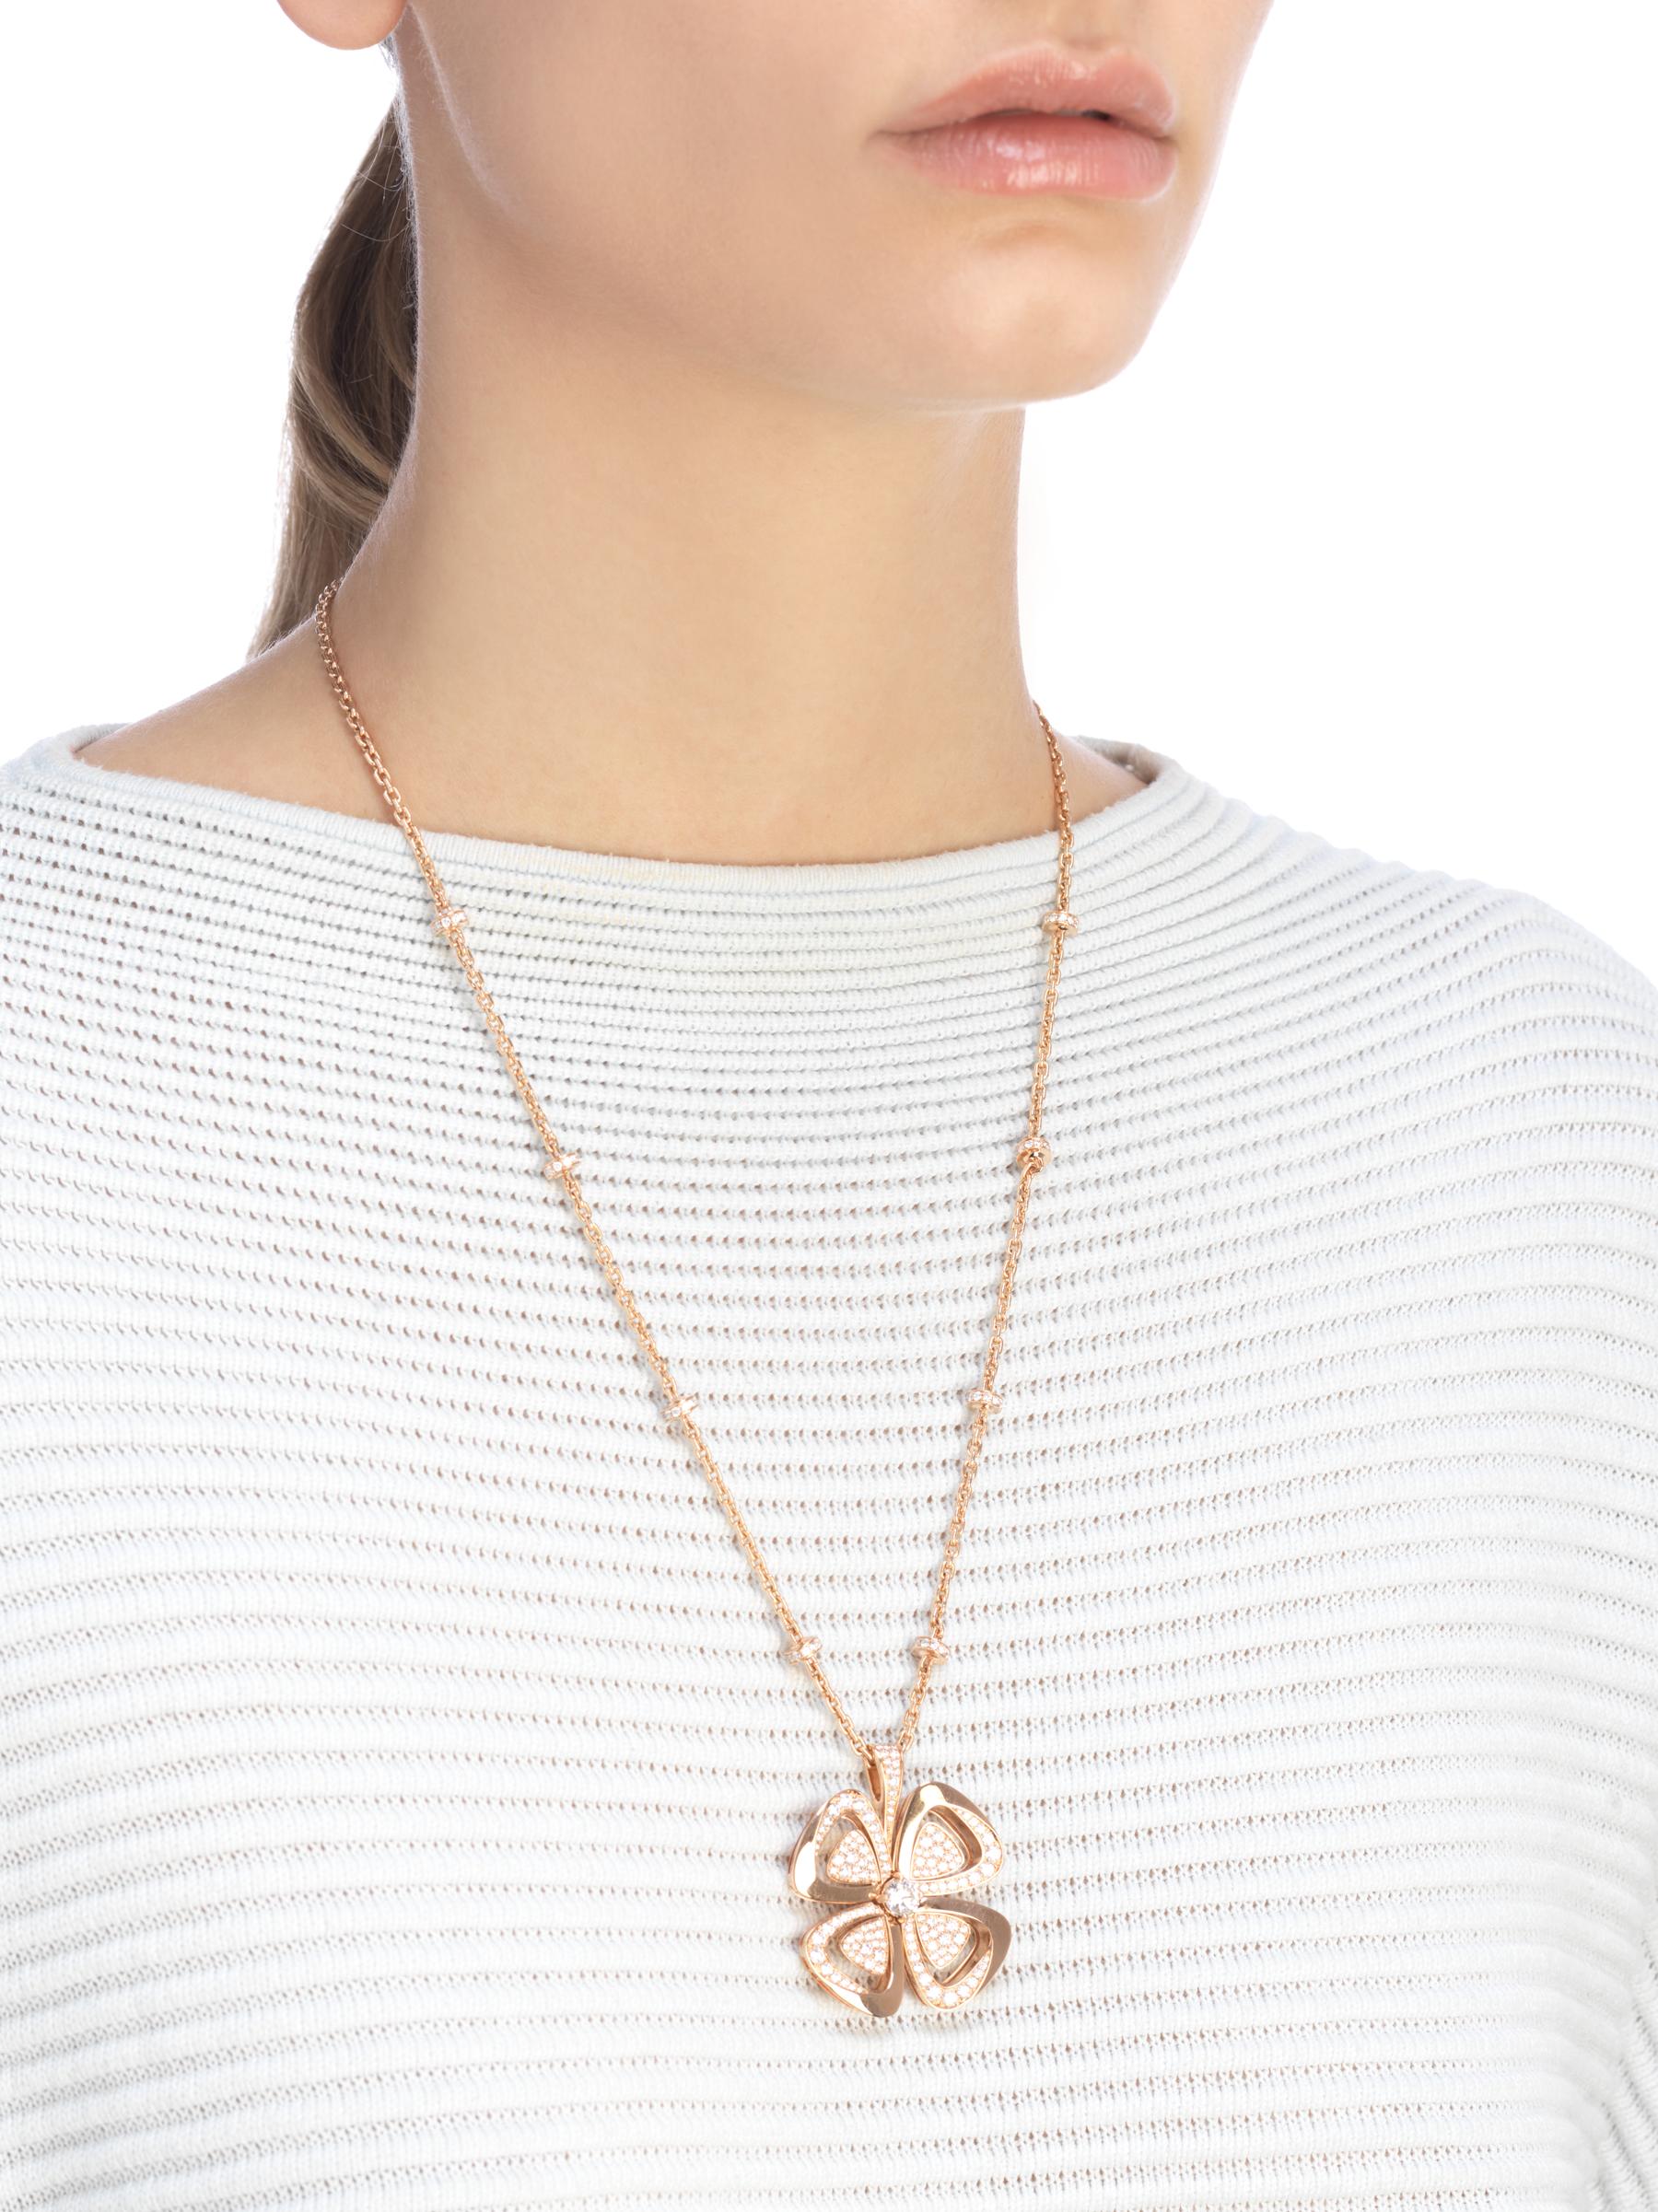 Fiorever咏绽系列18K玫瑰金项链,中央镶嵌一颗圆形明亮式切割钻石,饰以密镶钻石。 357218 image 4